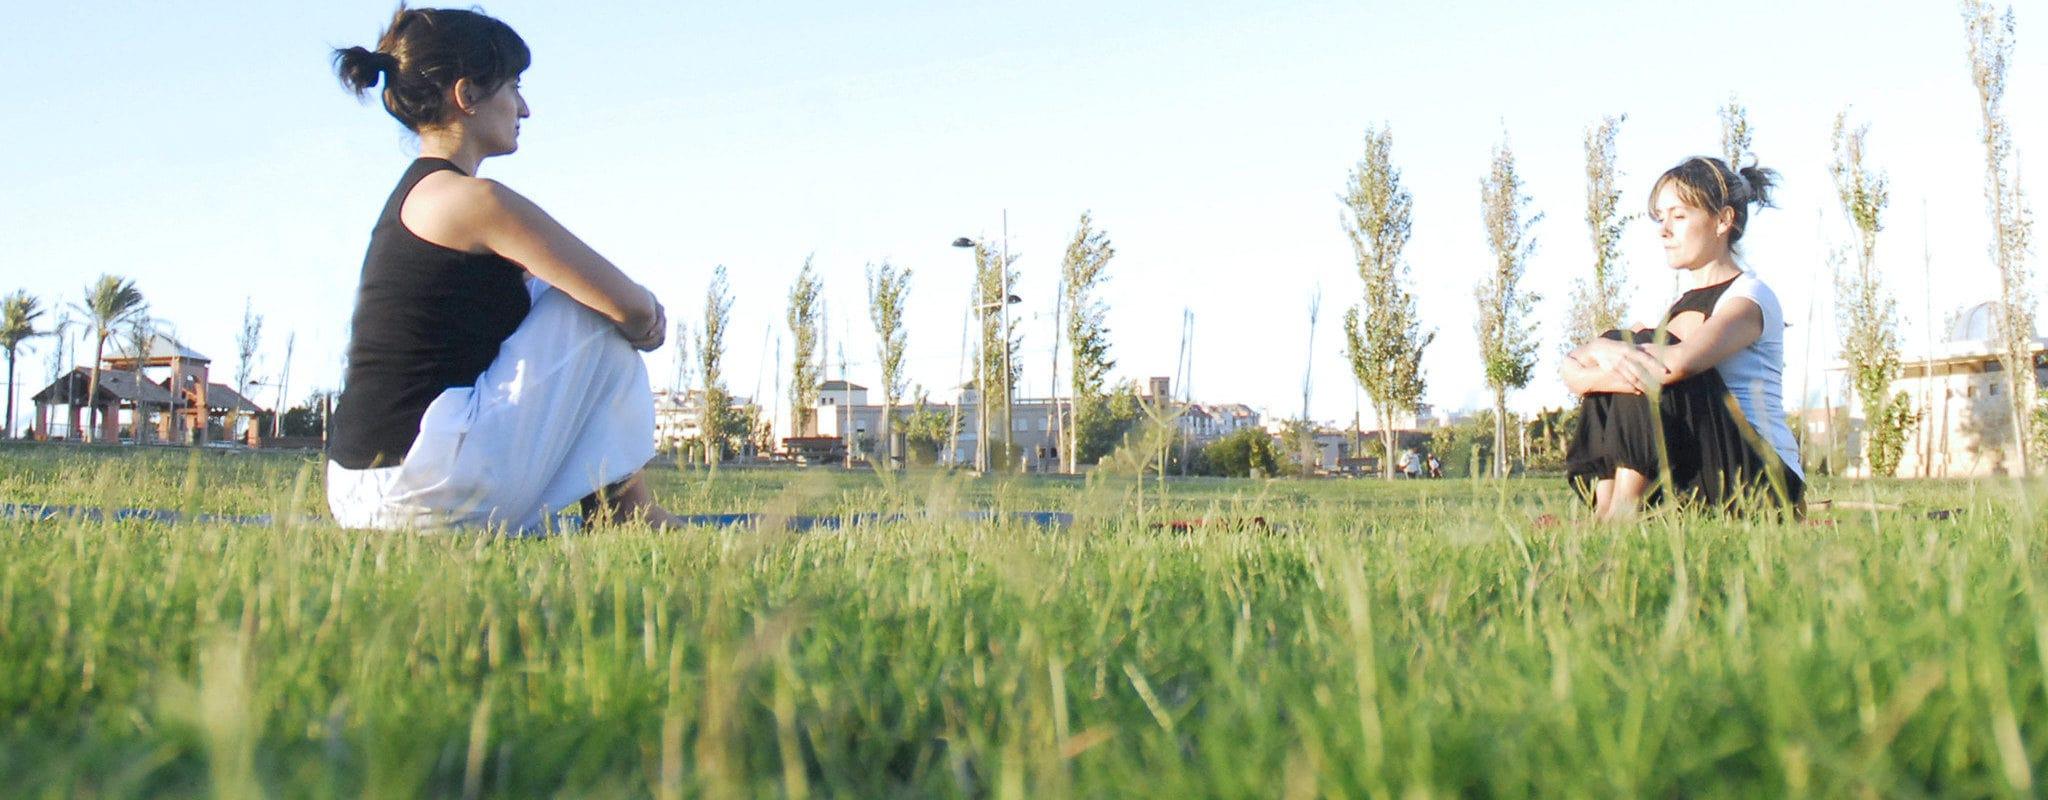 Yoga et dérive sectaire: comment la Ville de Strasbourg s'est laissé berner l'été dernier